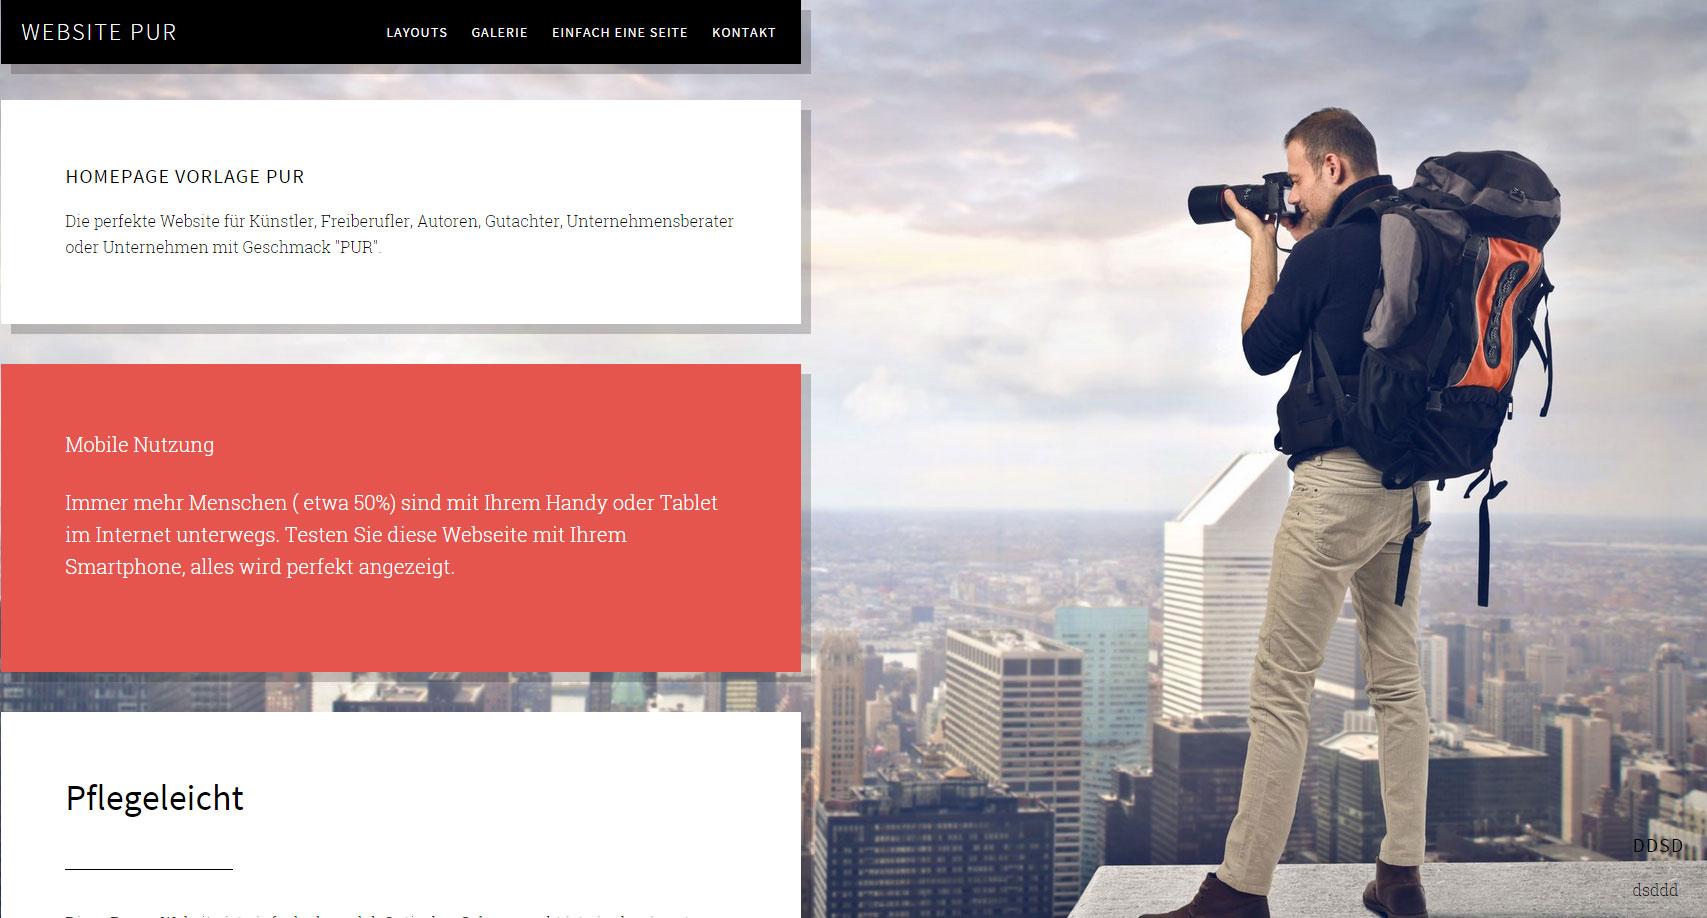 Fertige Demo Webseite bzw. Homepage Vorlage Pur